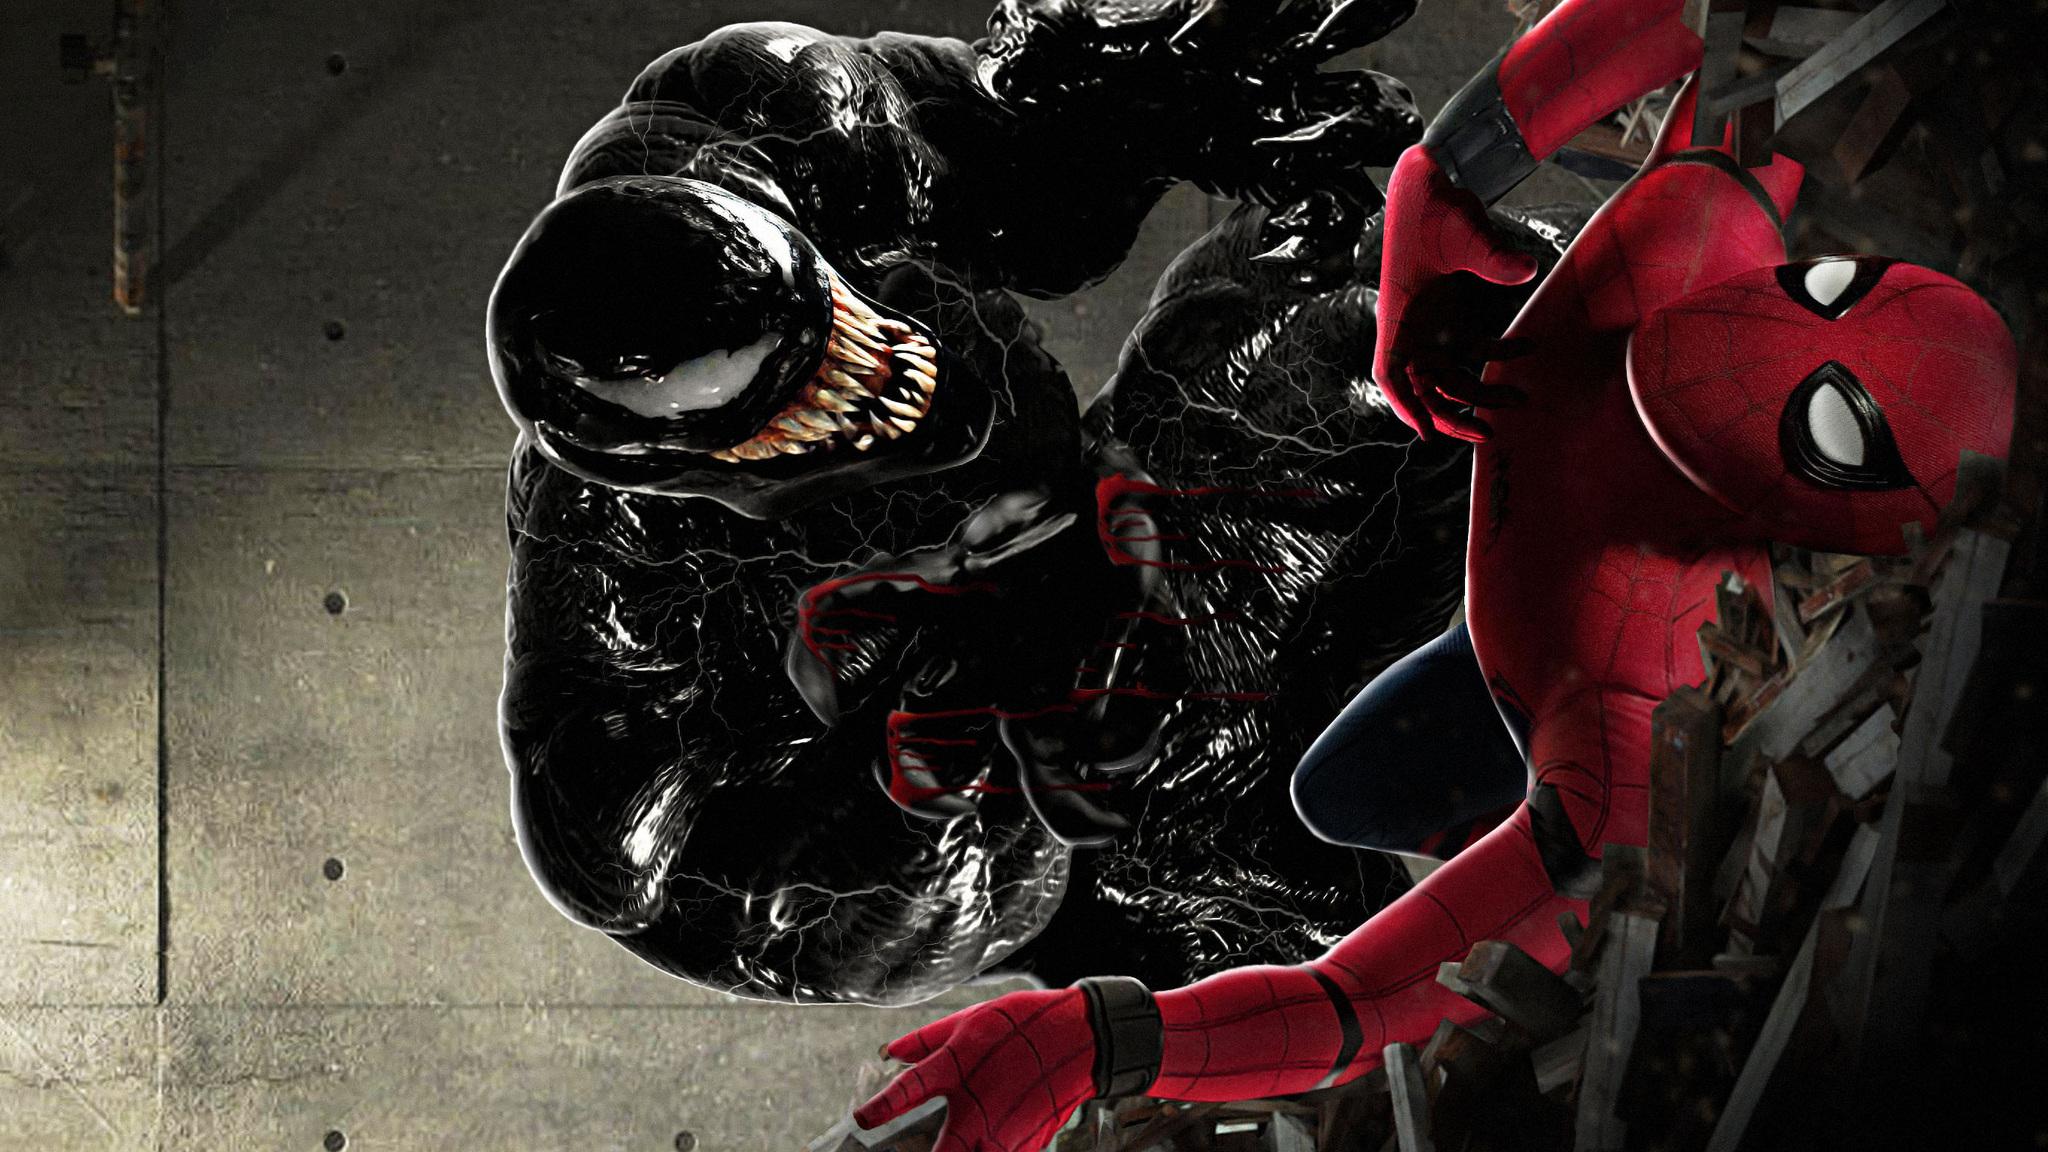 2048x1152 Spiderman Vs Venom Art 2048x1152 Resolution Hd 4k